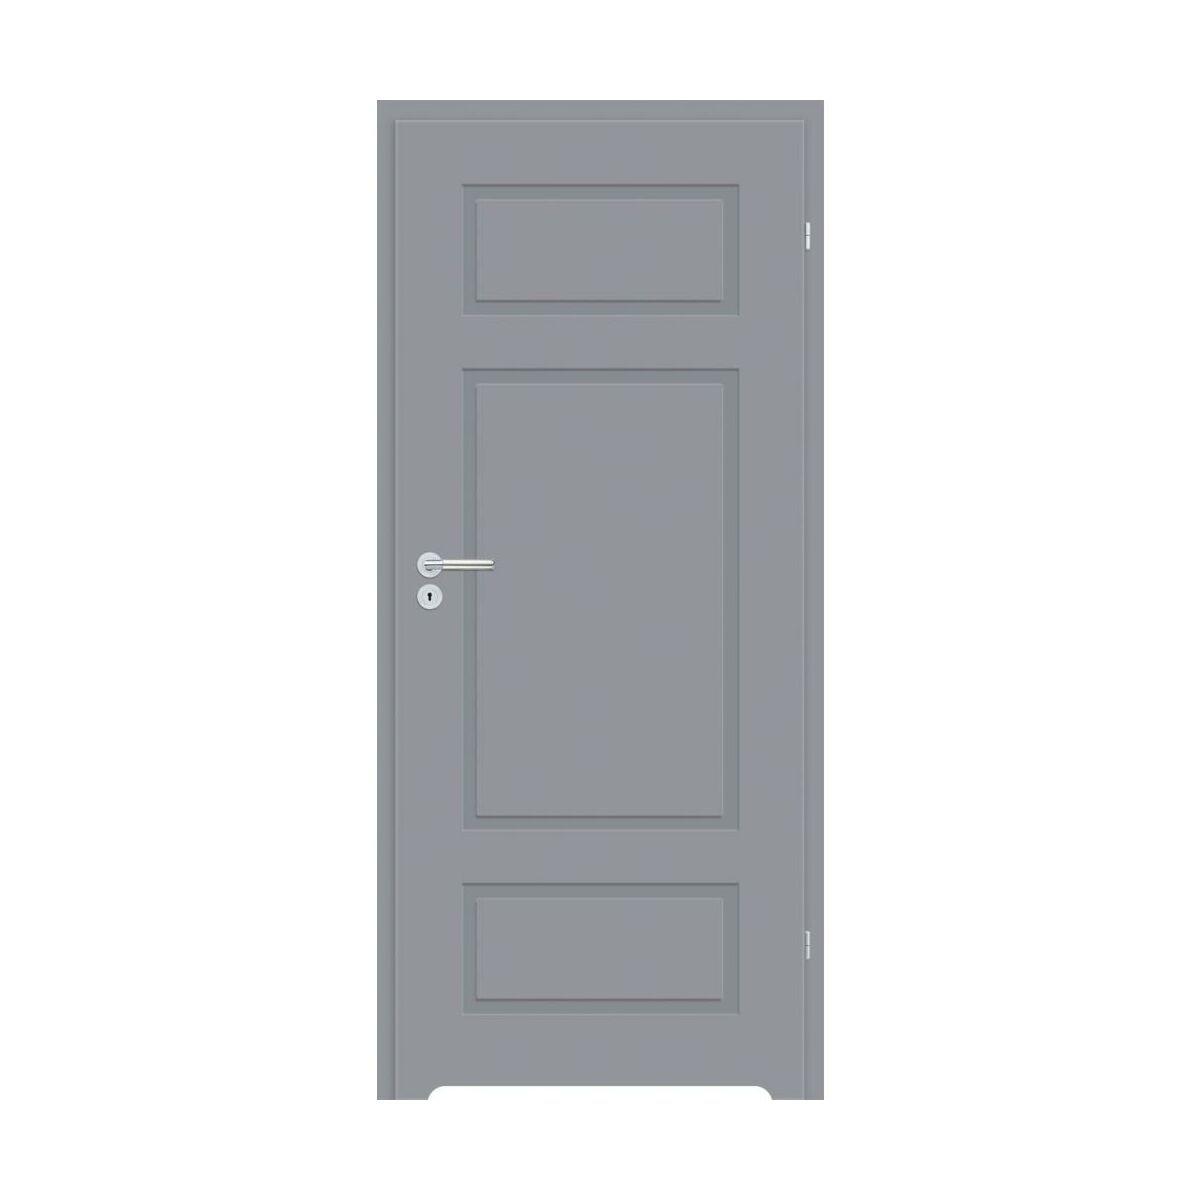 Skrzydlo Drzwiowe Z Podcieciem Wentylacyjnym Grifo Szare 90 Prawe Classen Drzwi Wewnetrzne W Atrakcyjnej Cenie W Sklepach Leroy Merlin